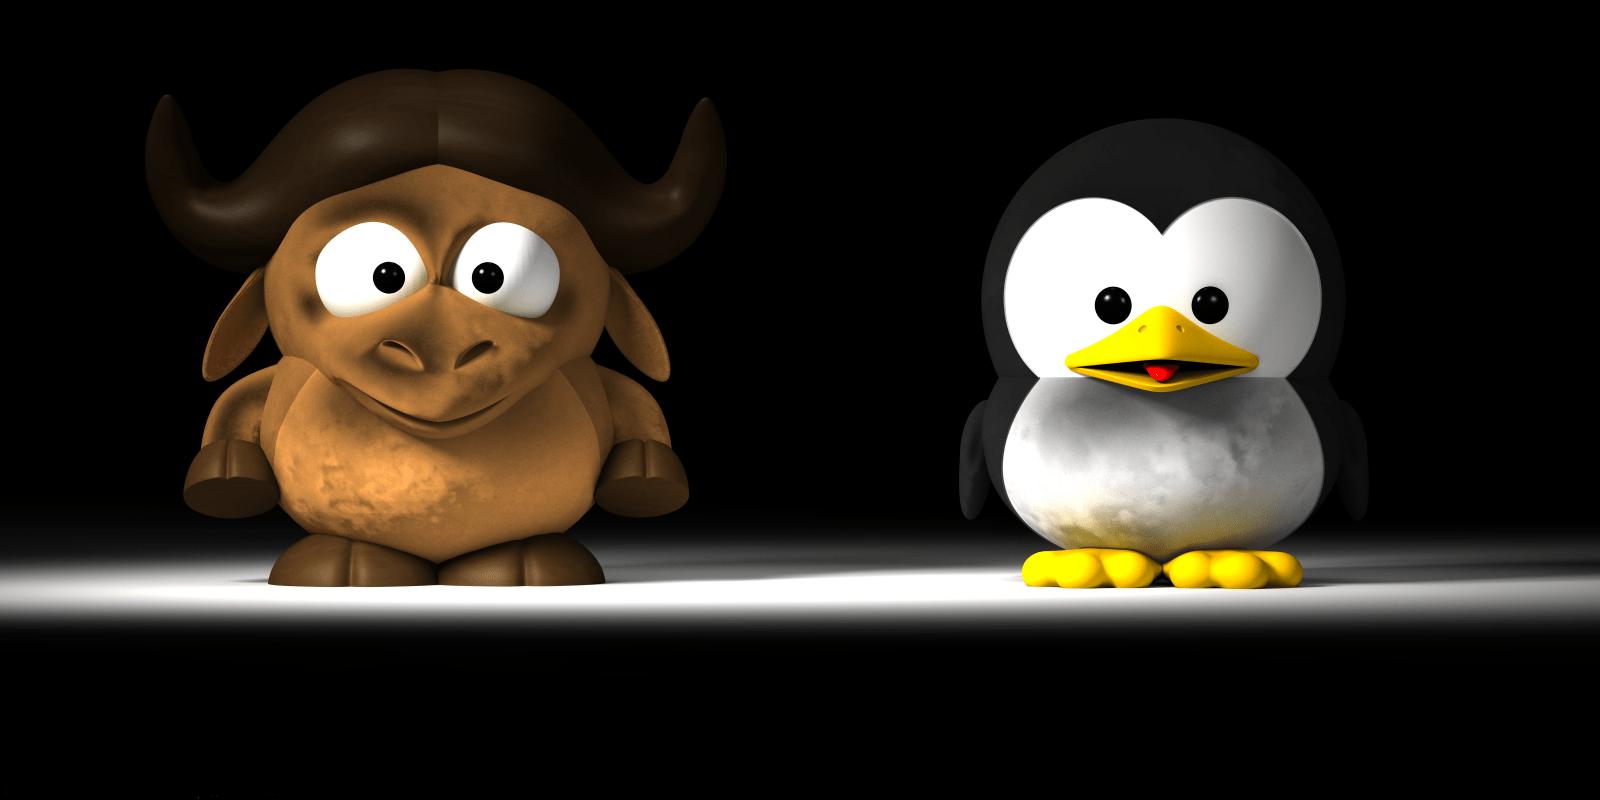 GNU & Tux